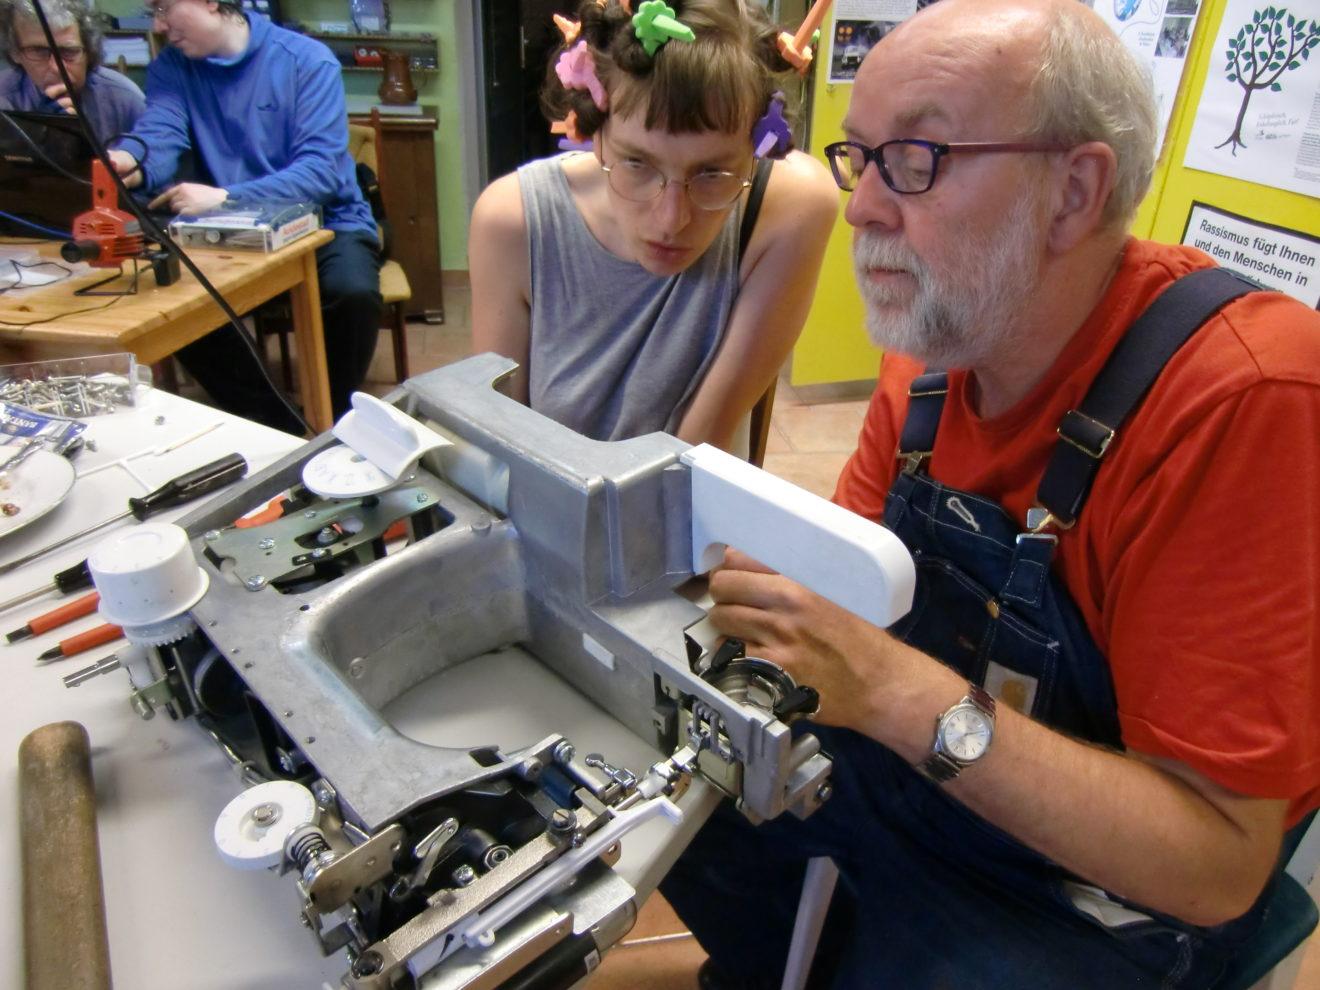 Bild: Bernd und Julia beim Reparieren einer Nähmaschine